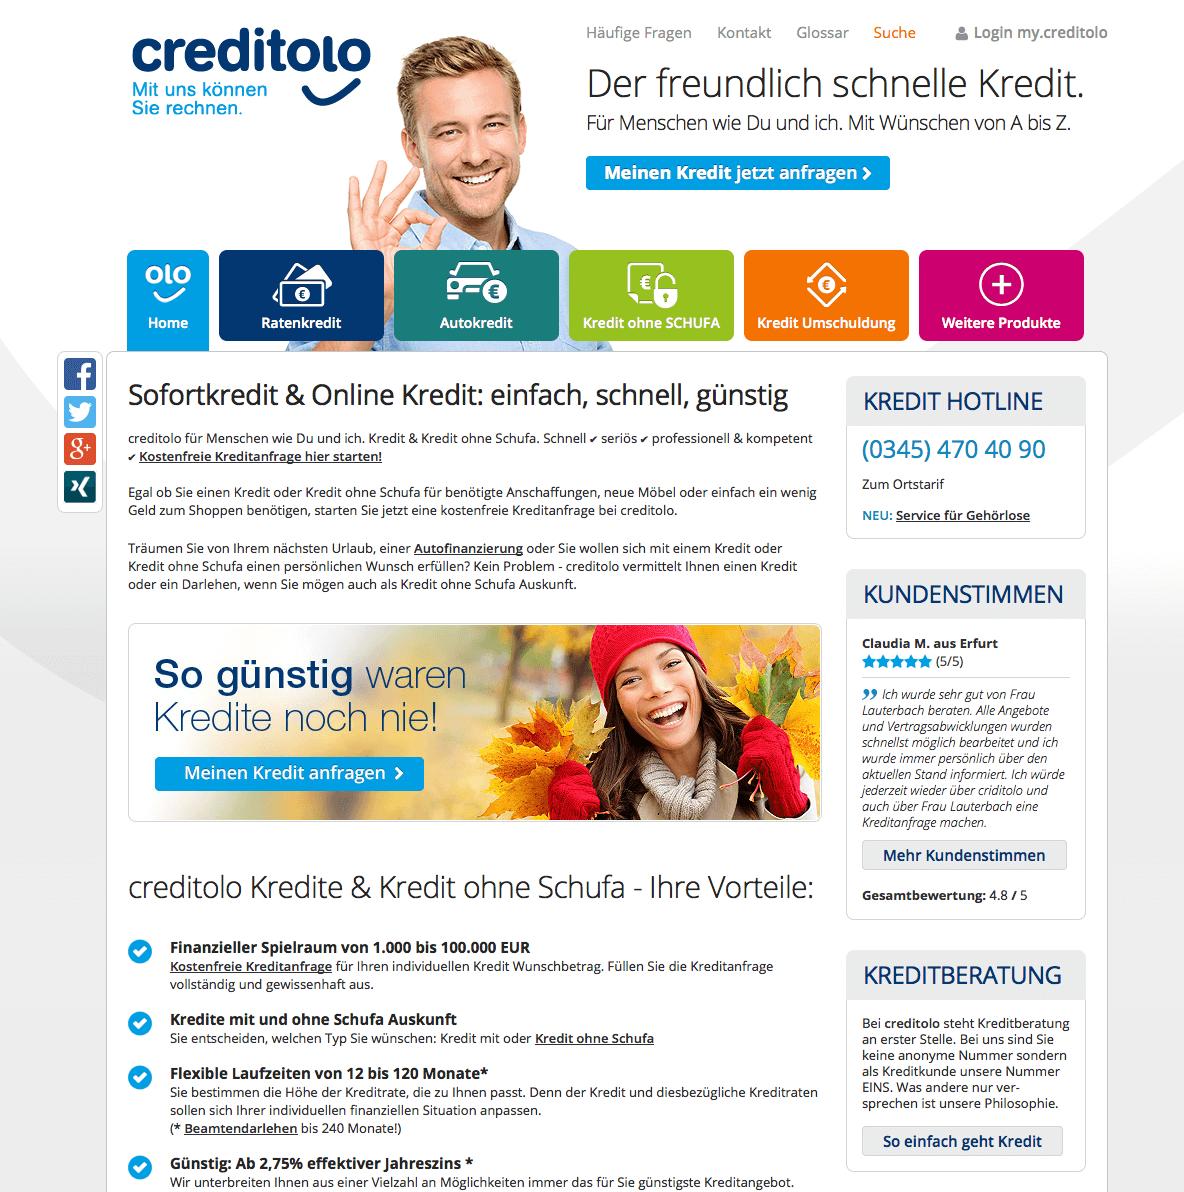 Creditolo vergleich